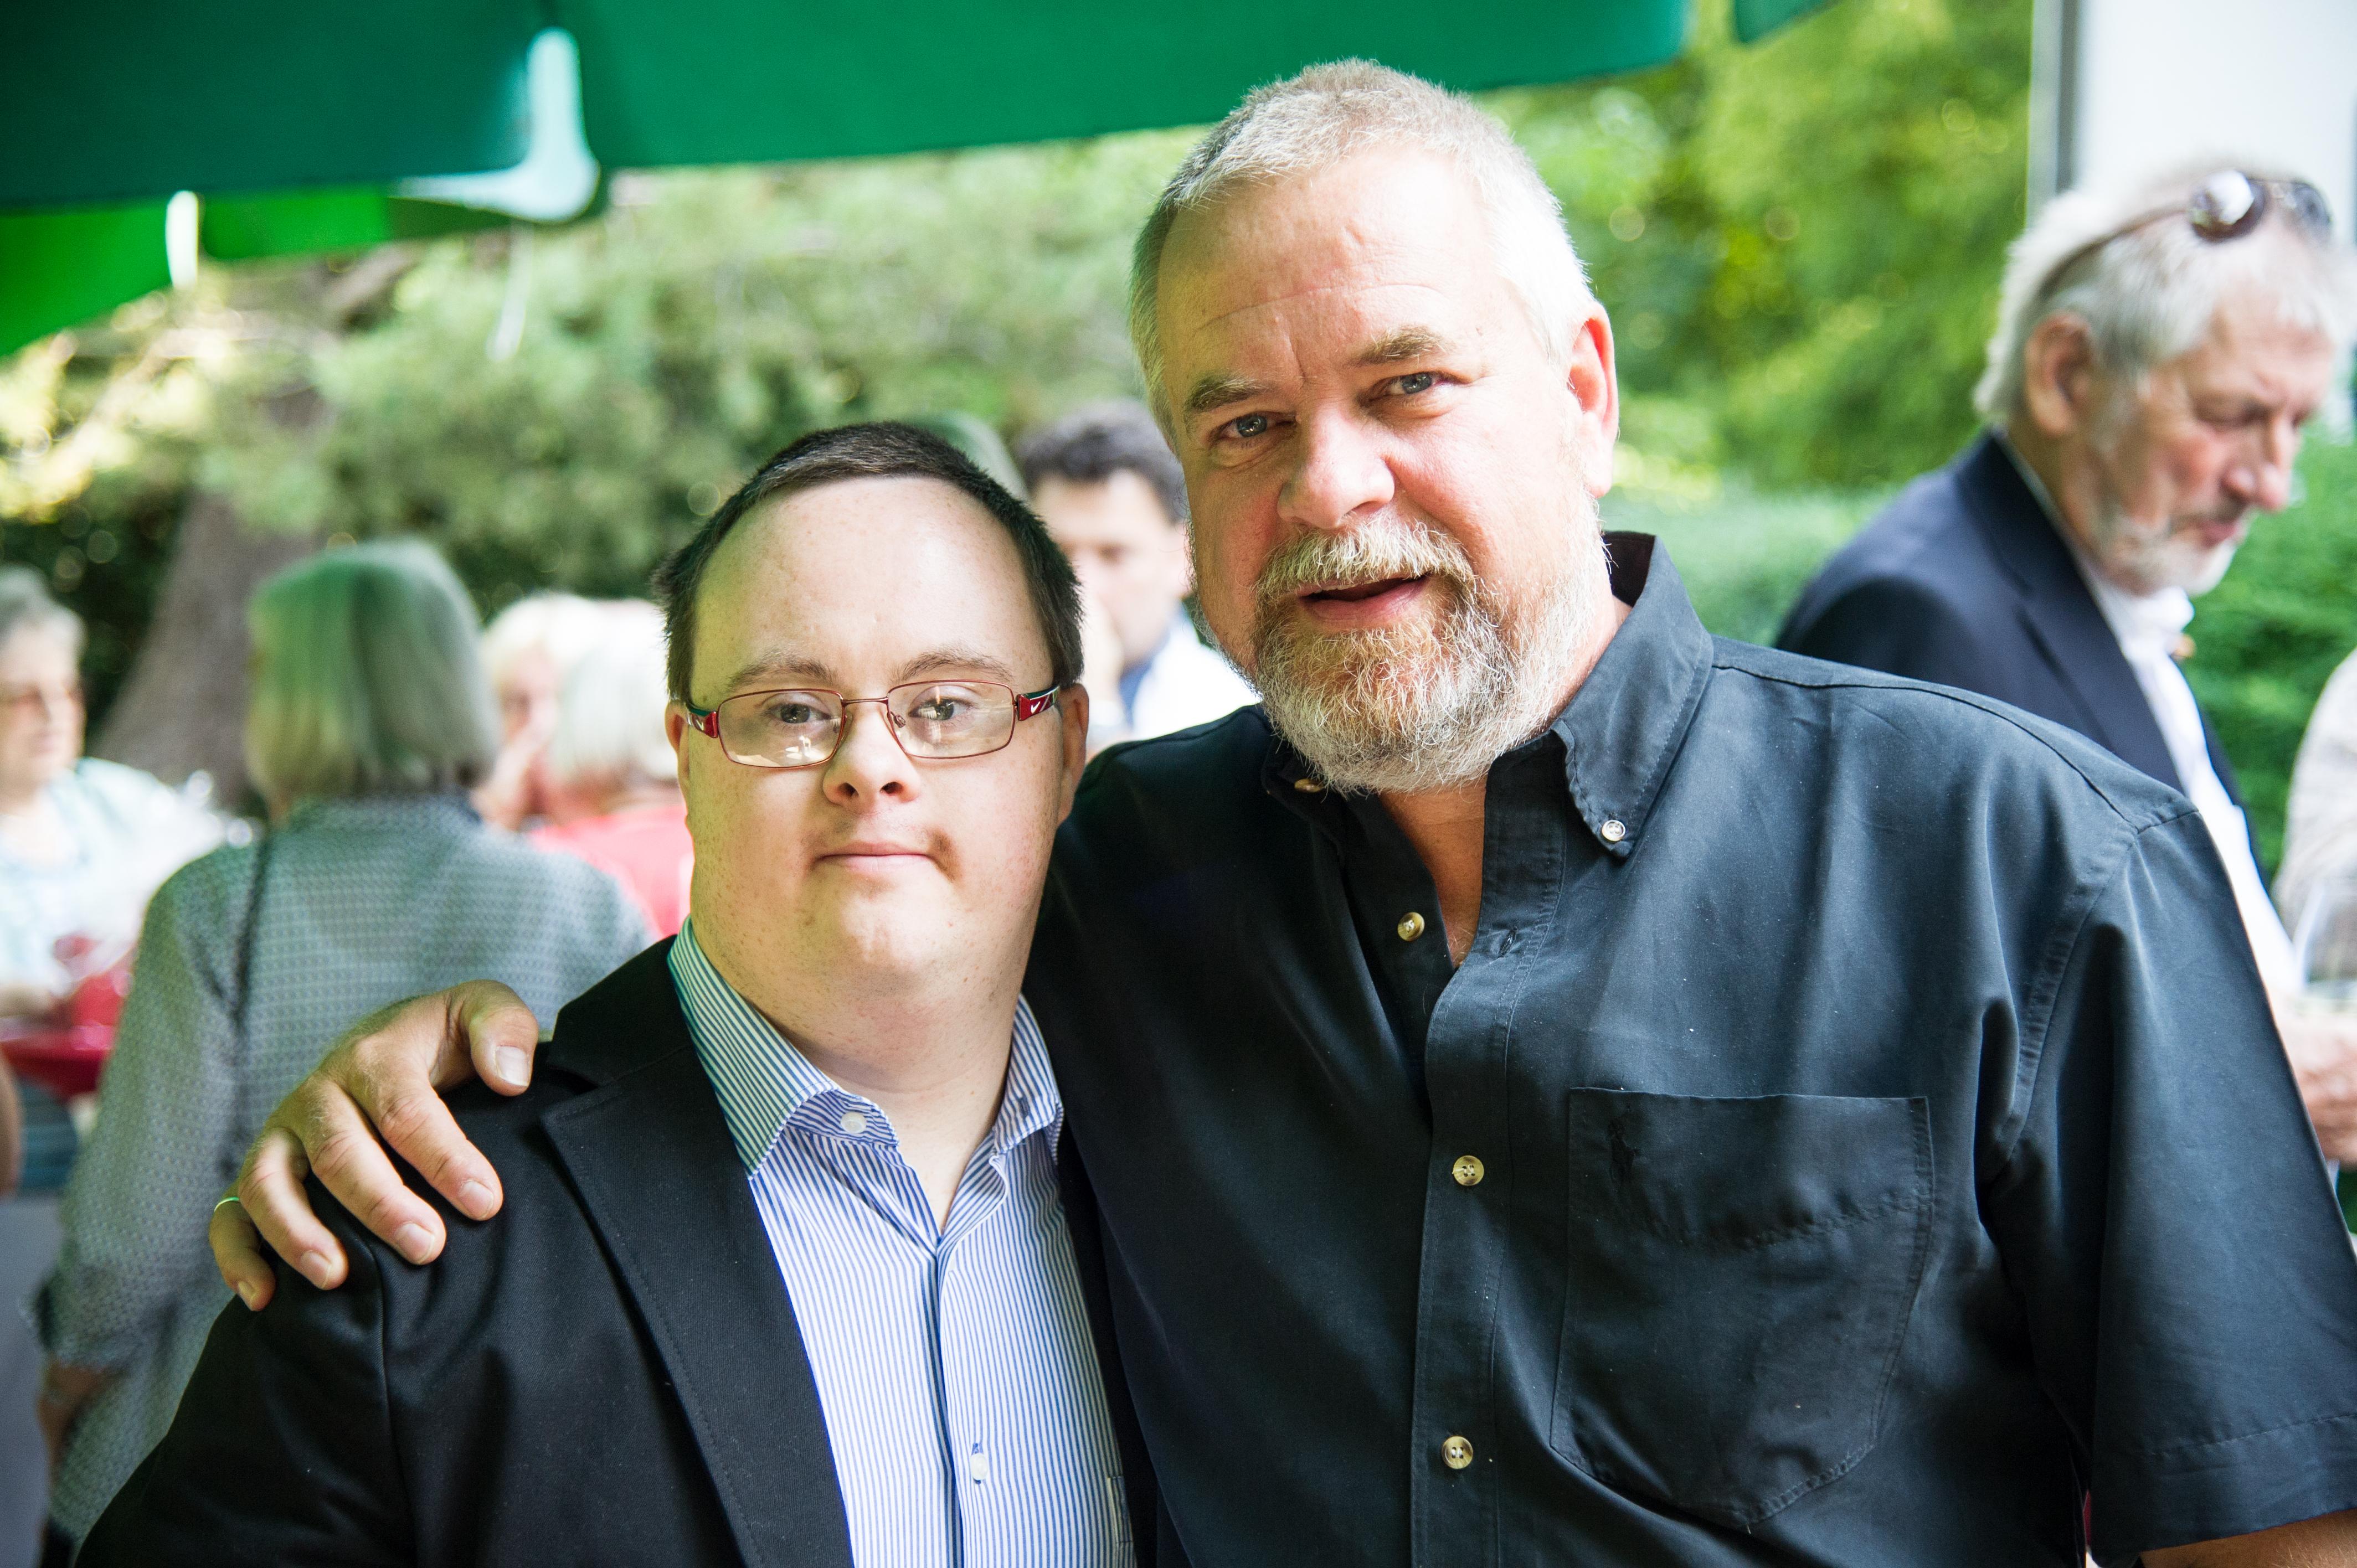 Hochzeitsfest_Sue und Stephan-76